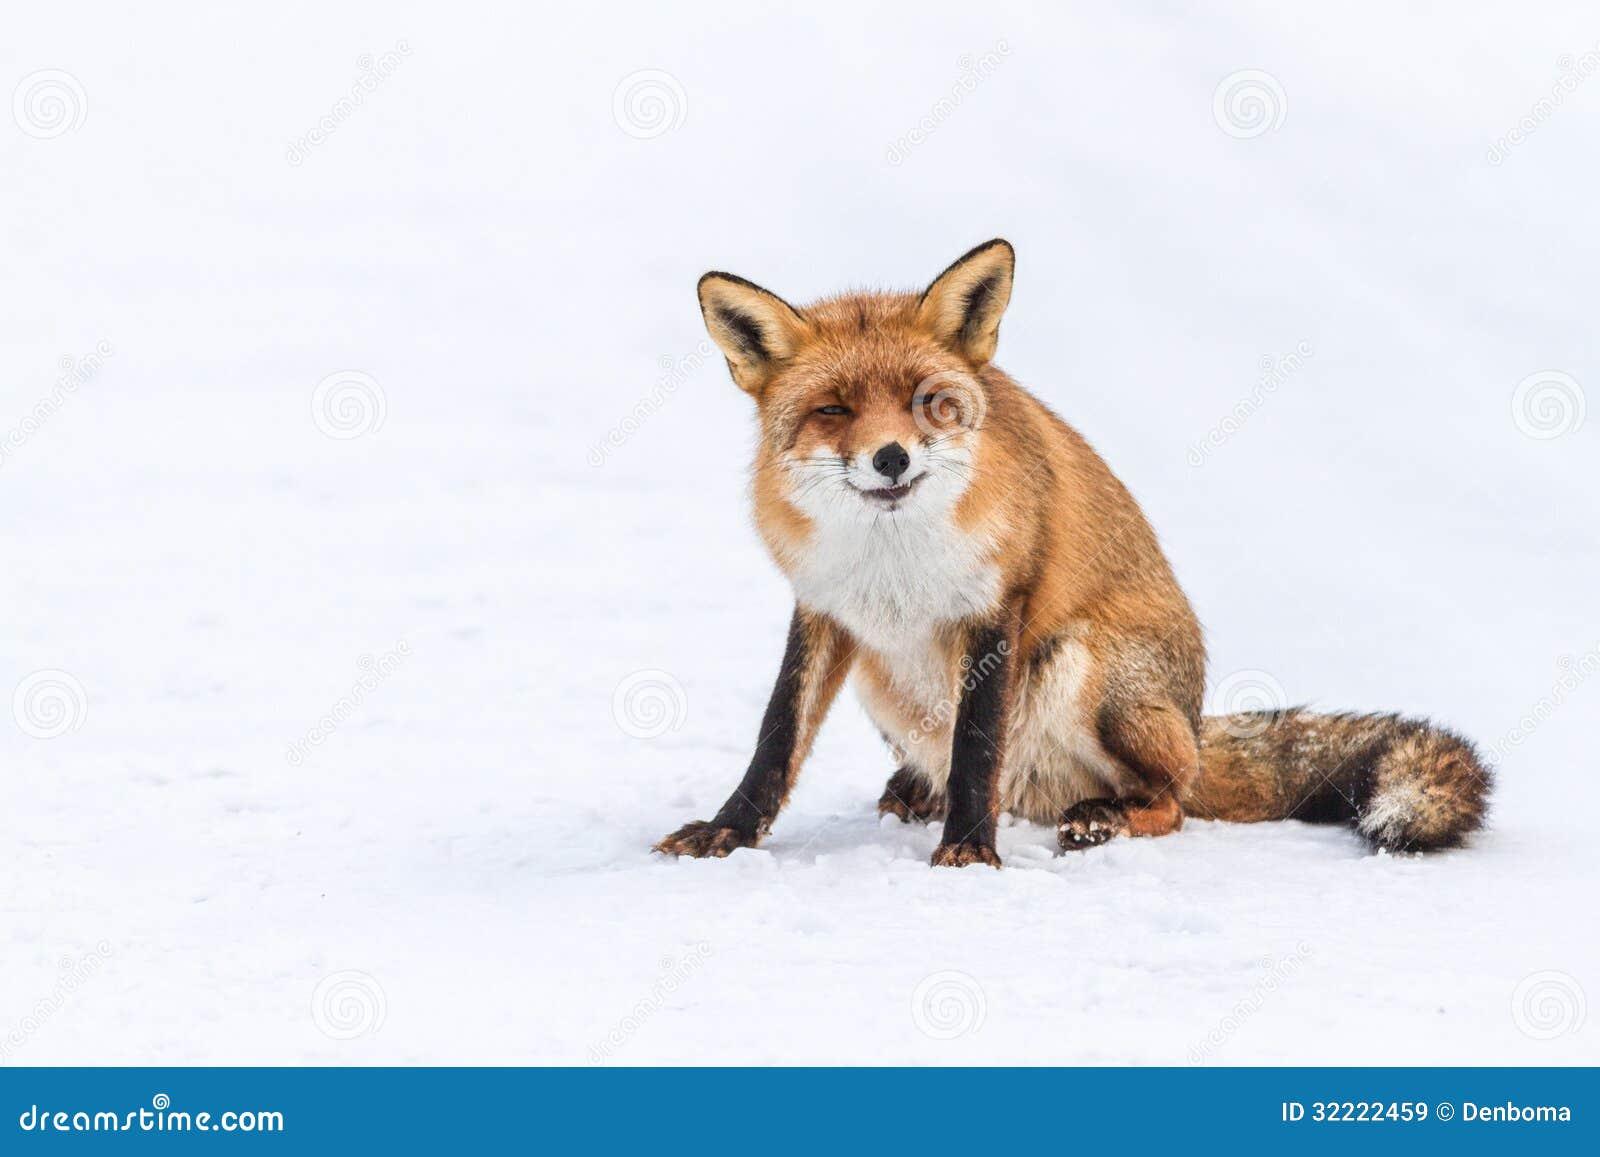 40708f8de08 O Fox é um nome comum para muitas espécies de mamíferos onívoros alertas  que pertencem à família do Canidae